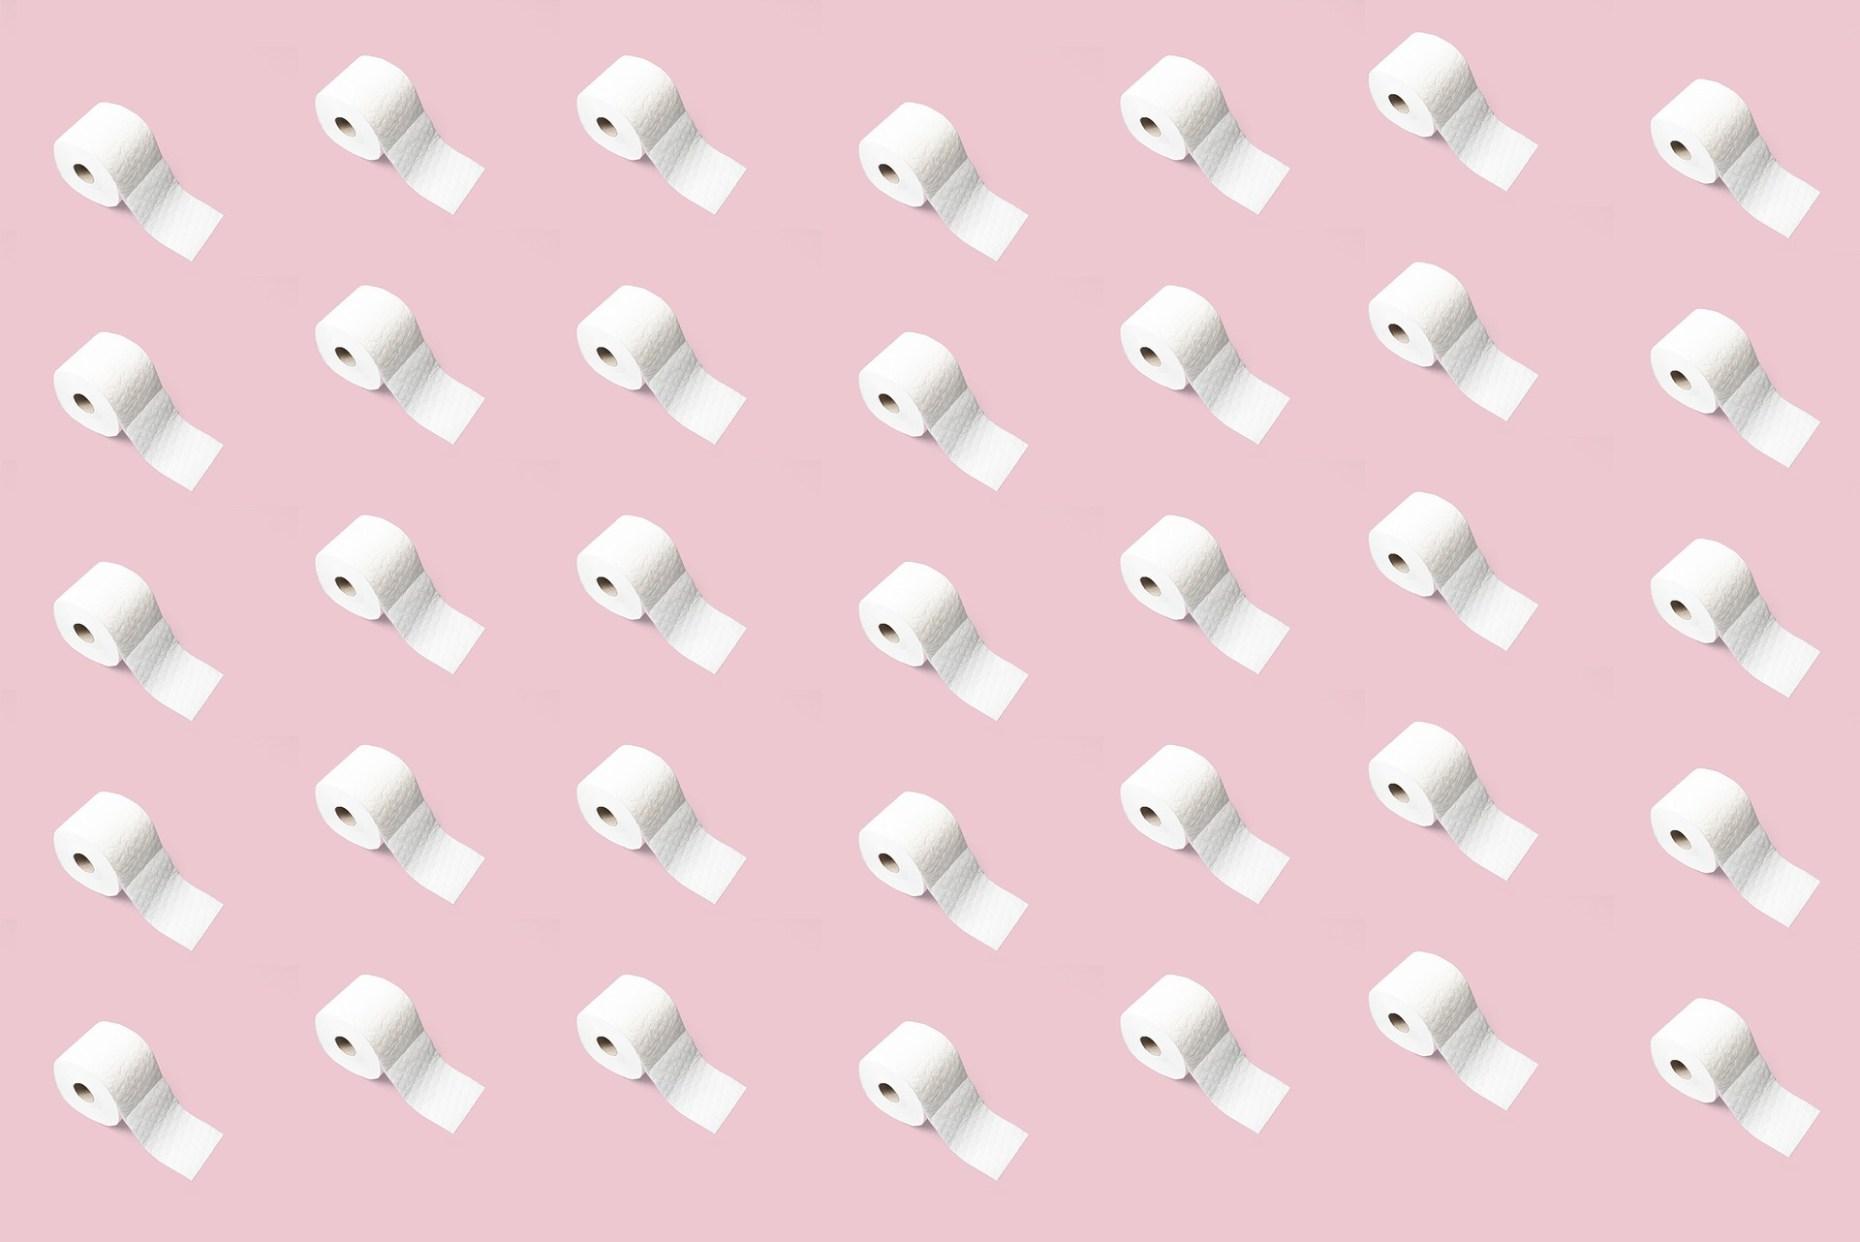 Toilettenpapierrollen als Muster auf einem rosafarbenen Hintergrund